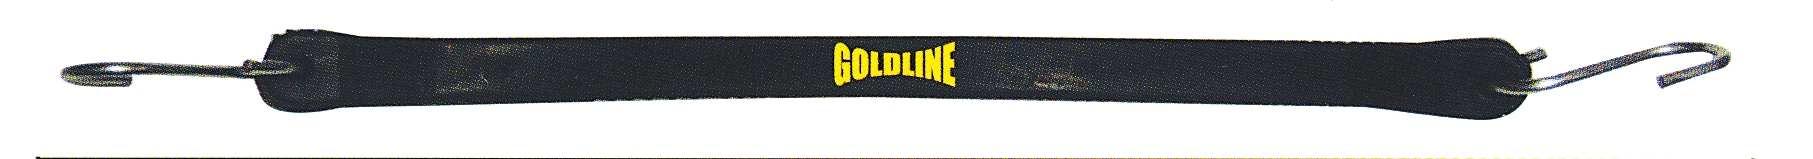 Goldline Premium Tarp Straps